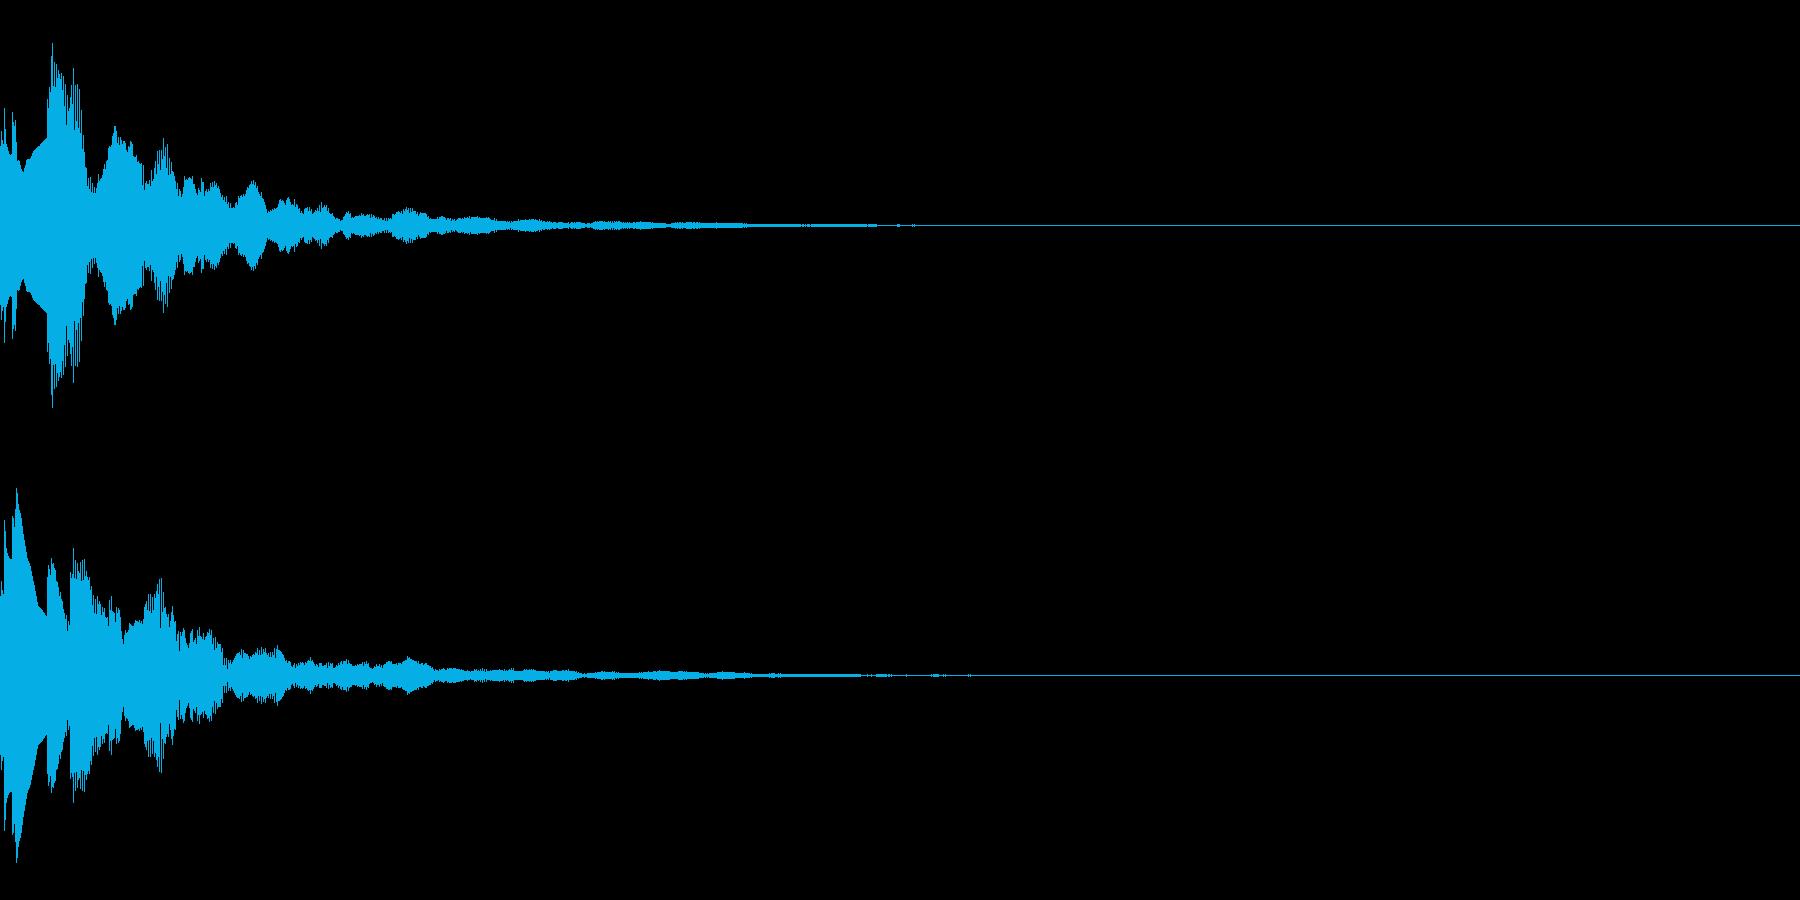 サウンドロゴ53の再生済みの波形